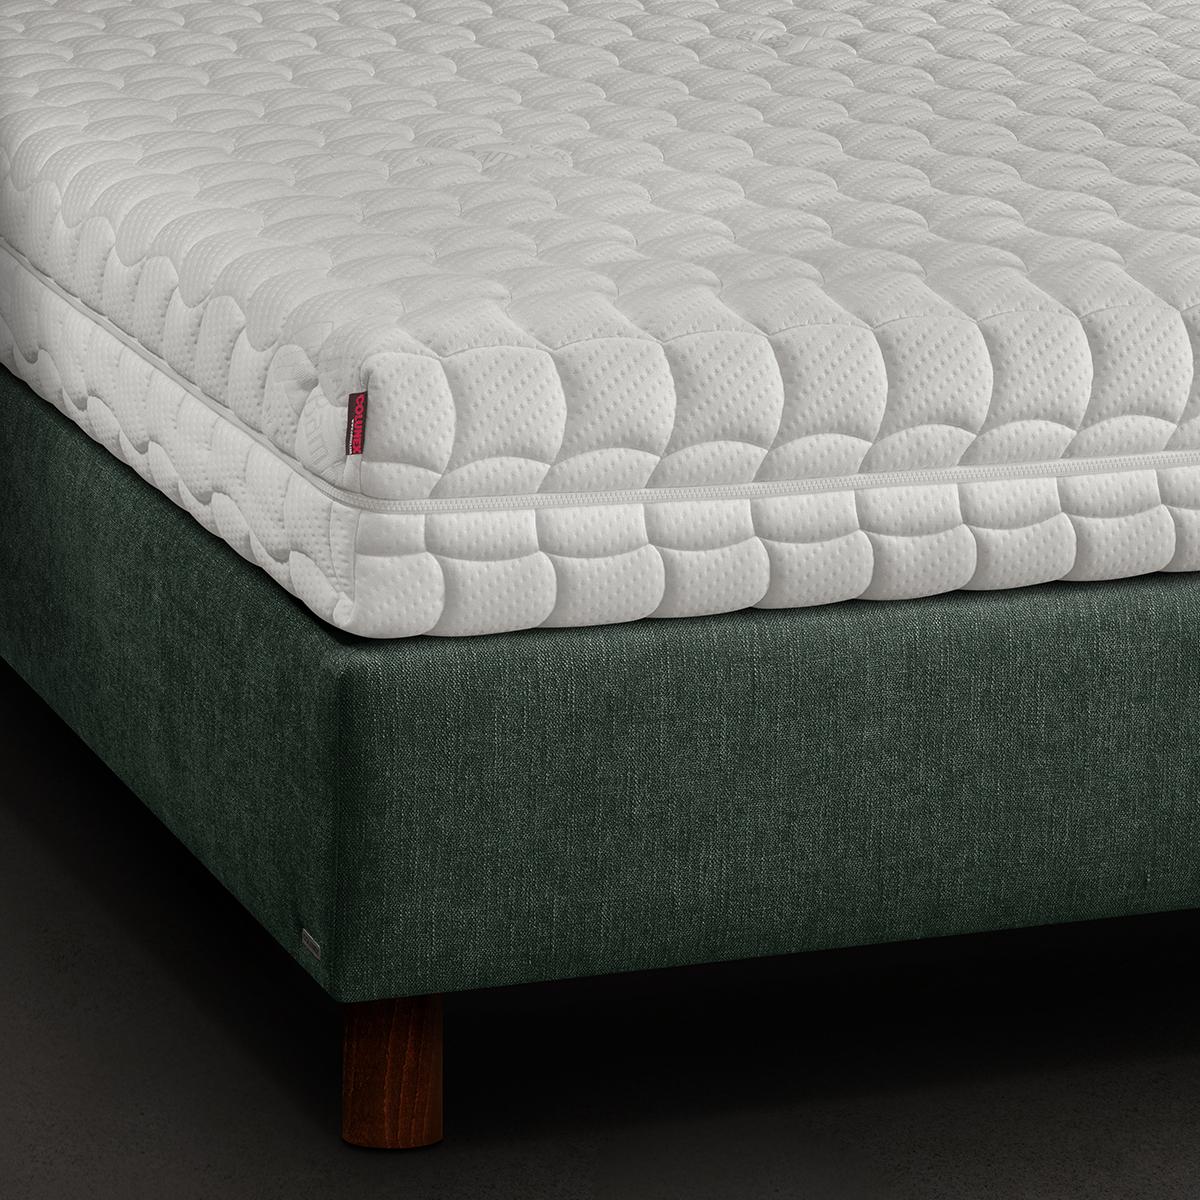 sensations vl touch Colchão Sensations VL Touch colunex sensations mattress 01 3